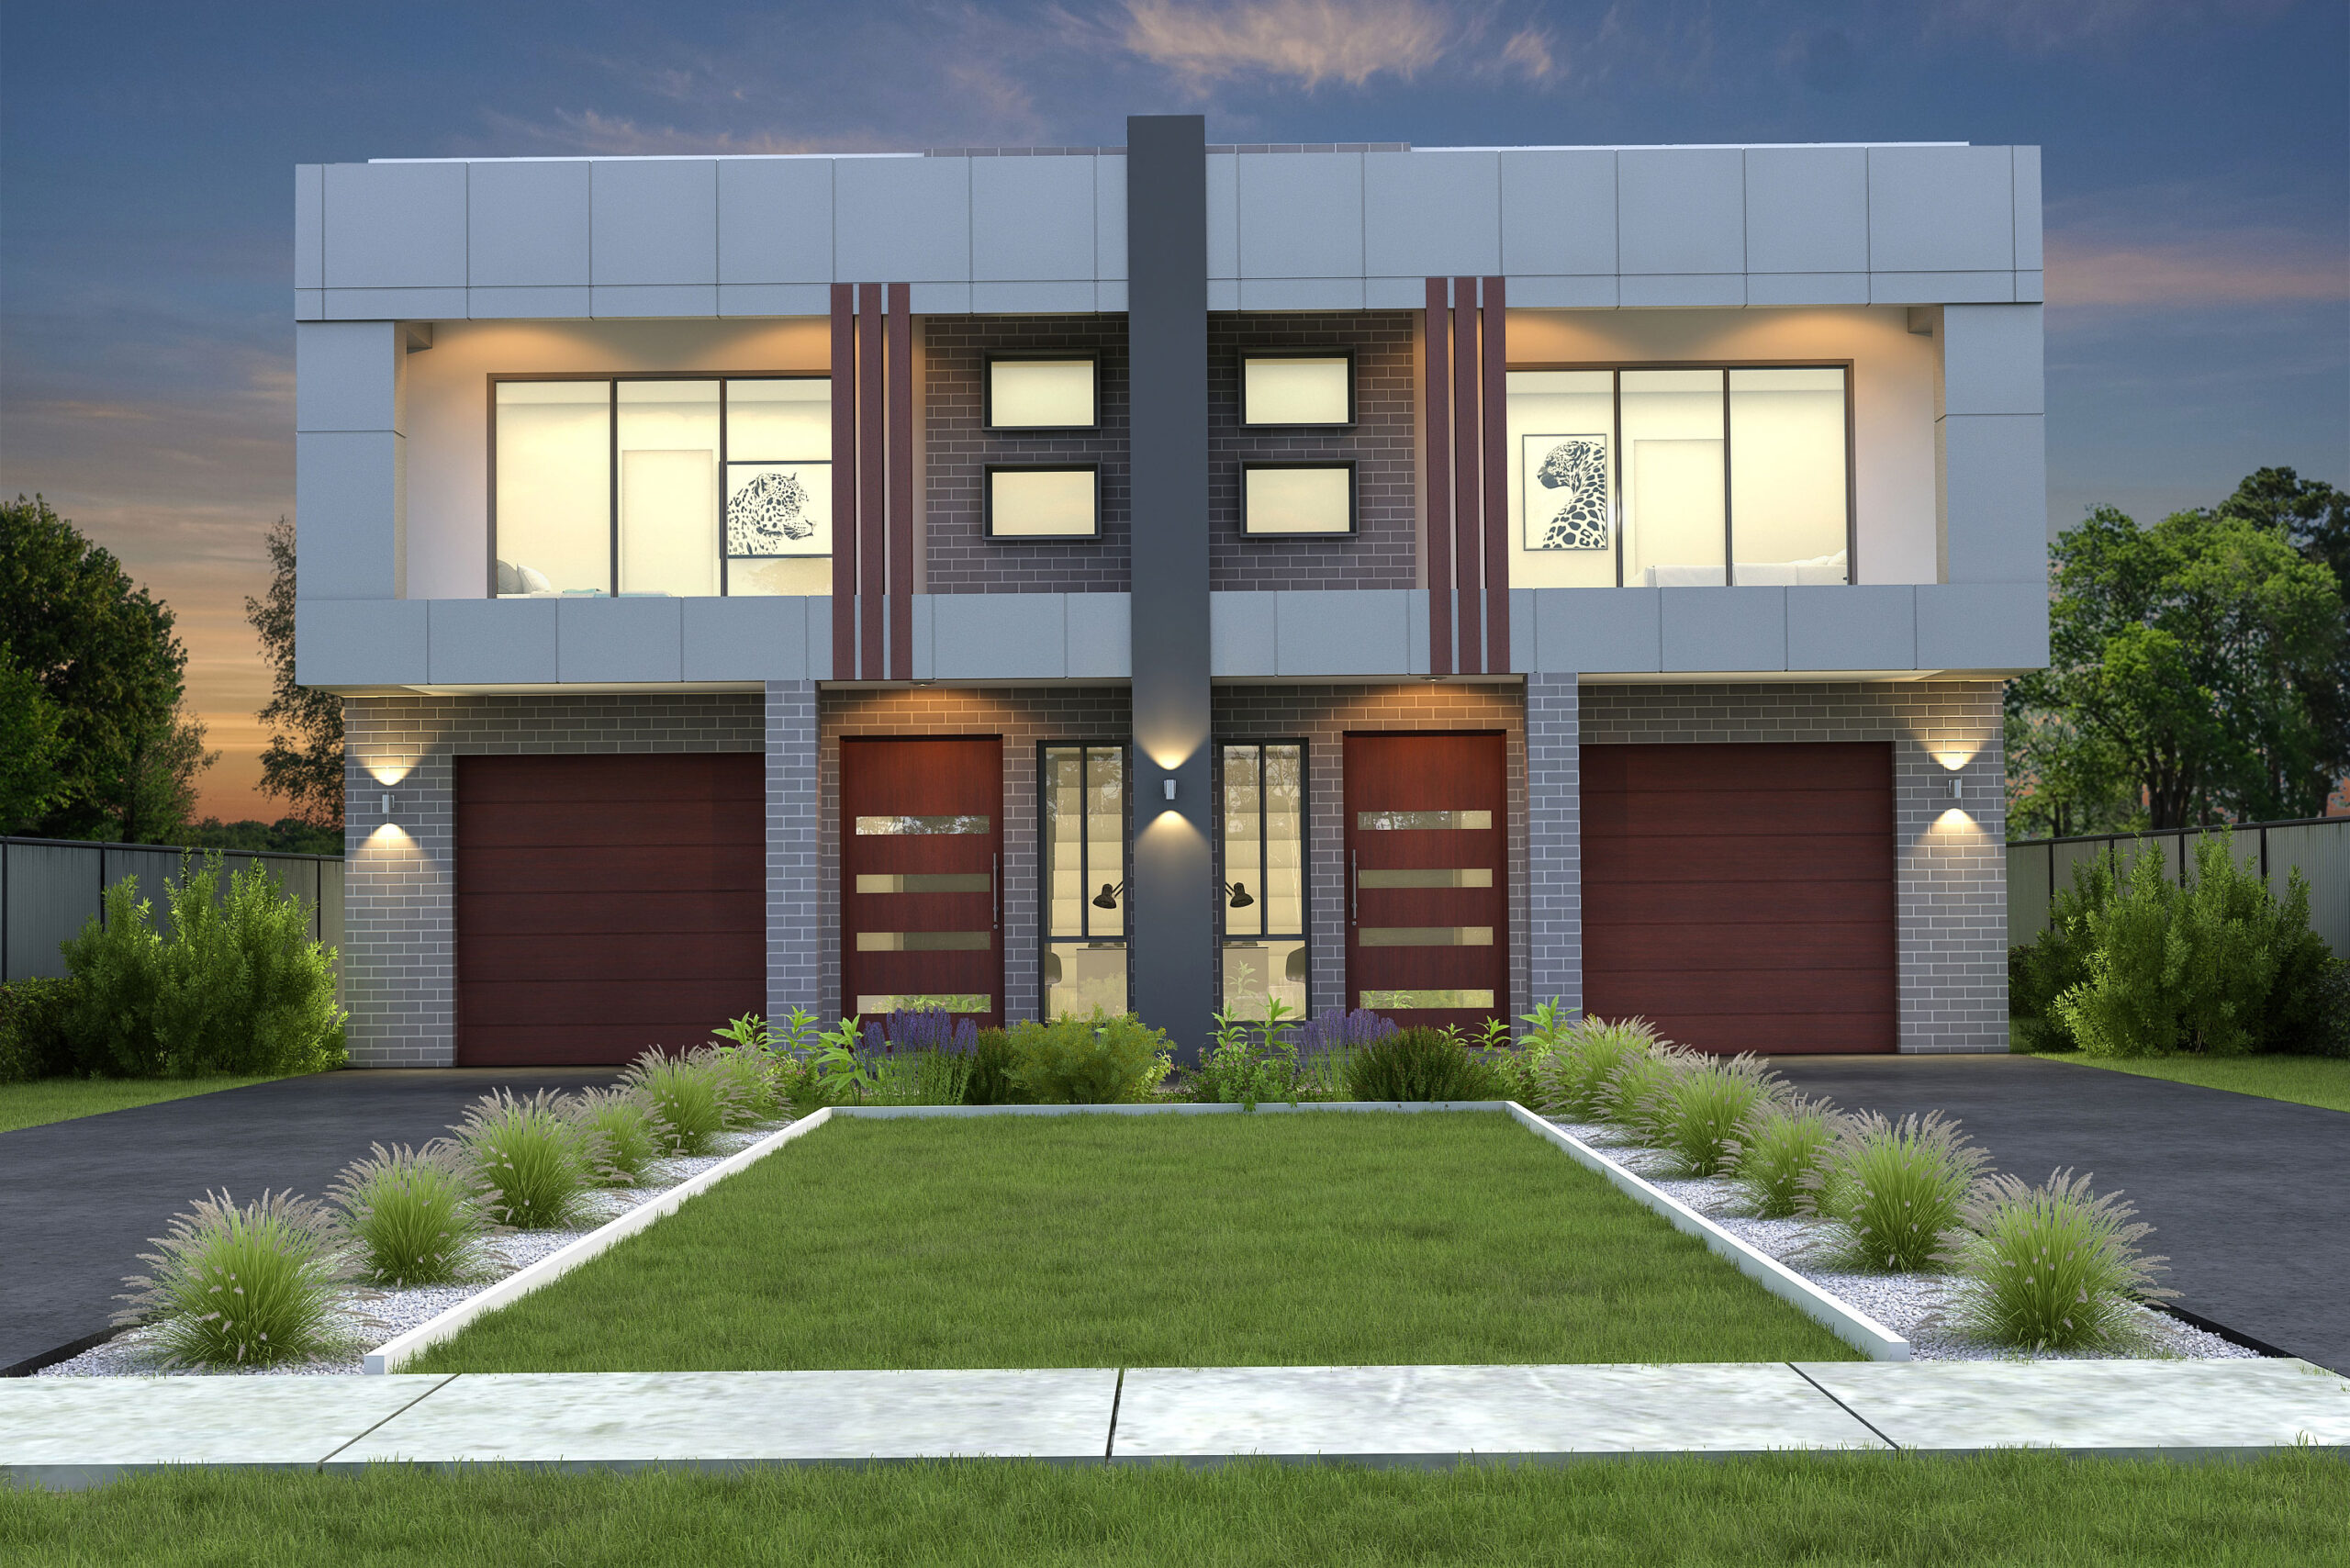 Dhursan Construction - Duplex facades